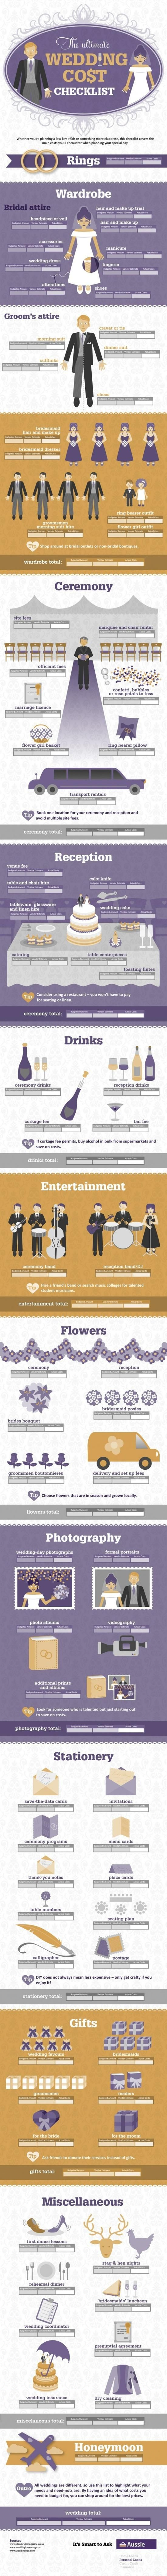 image of Ideas de la boda